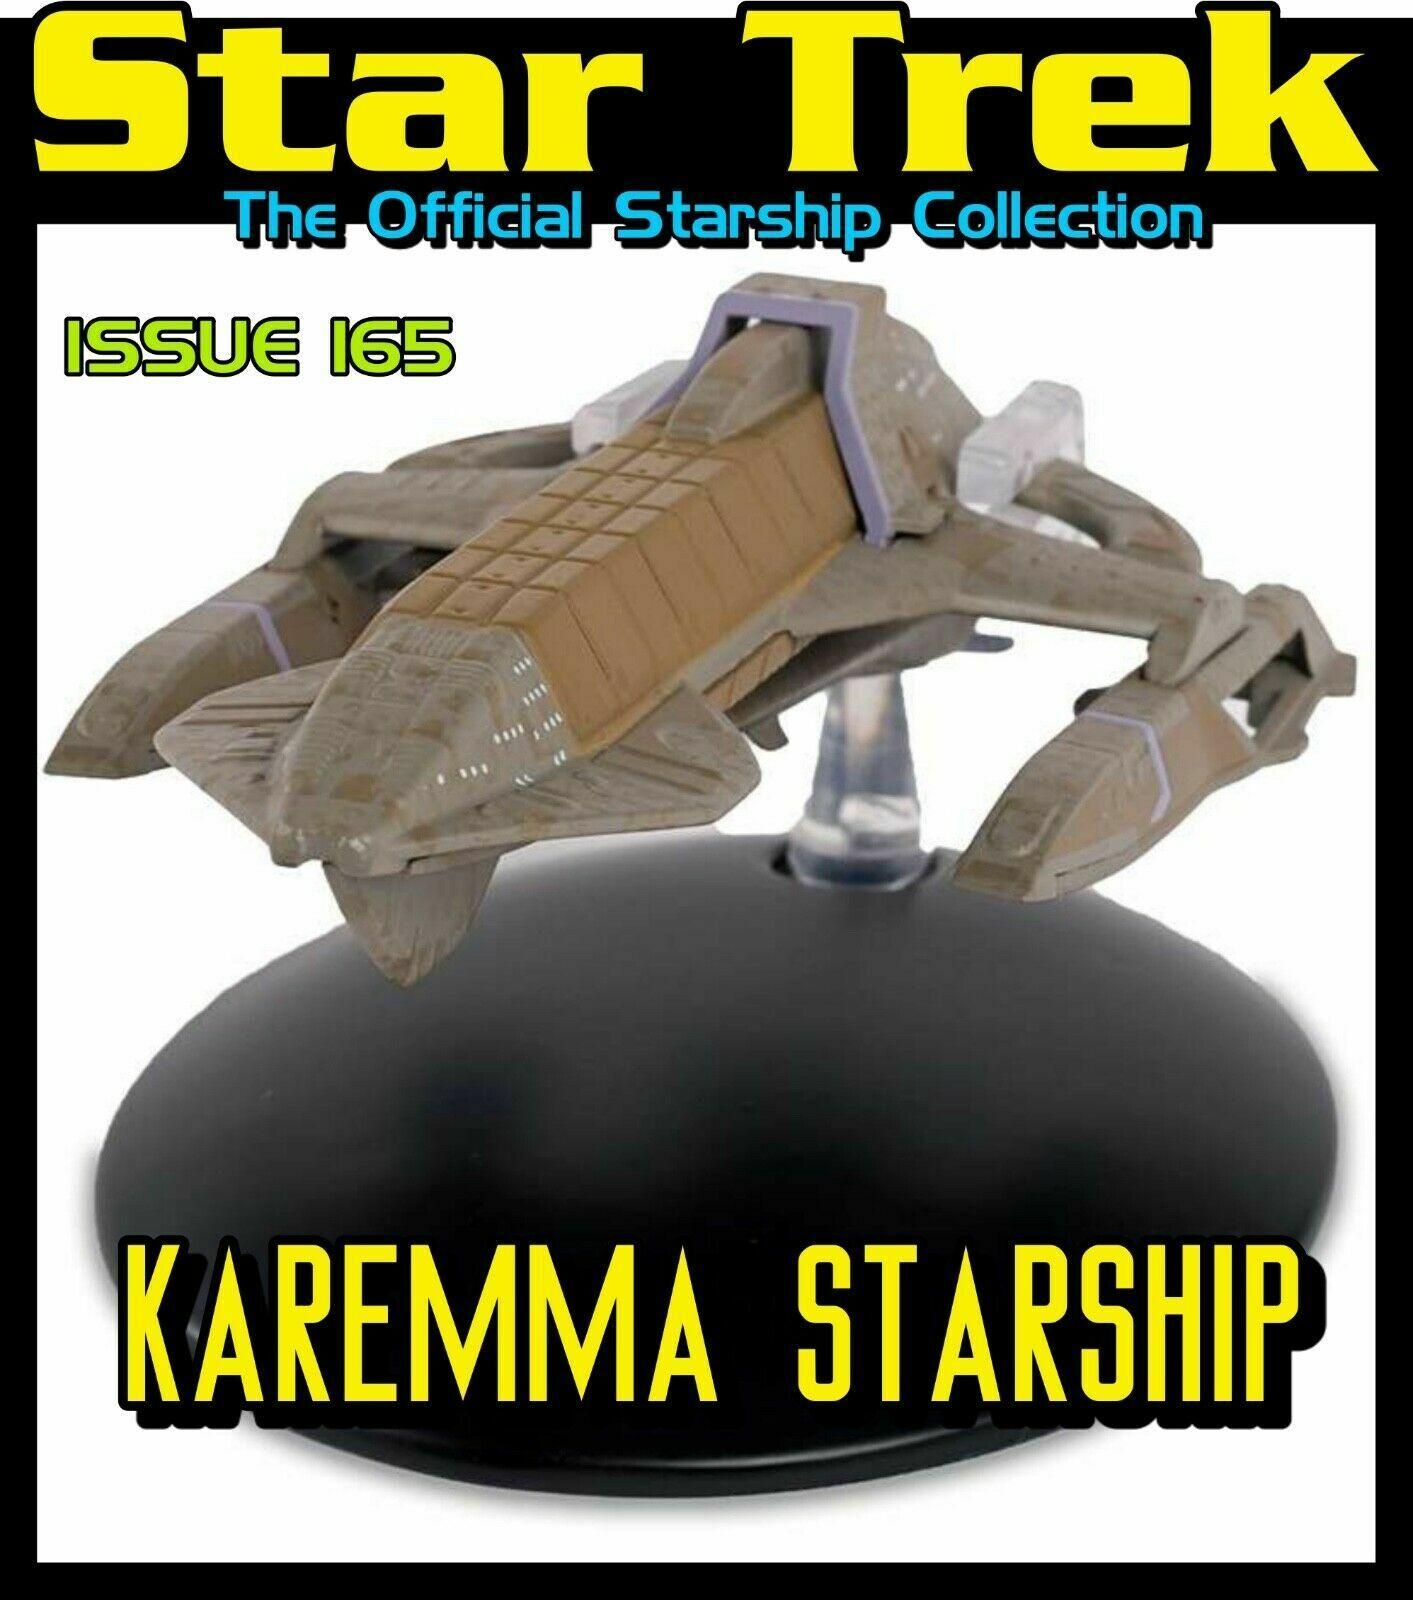 Issue 165: Karemma Starship